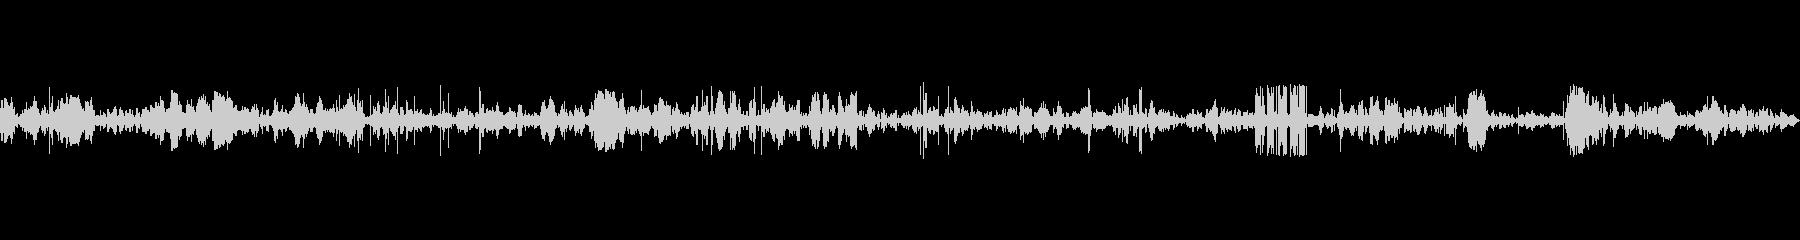 メカニカル、ボーカル;泣き言、泣き...の未再生の波形